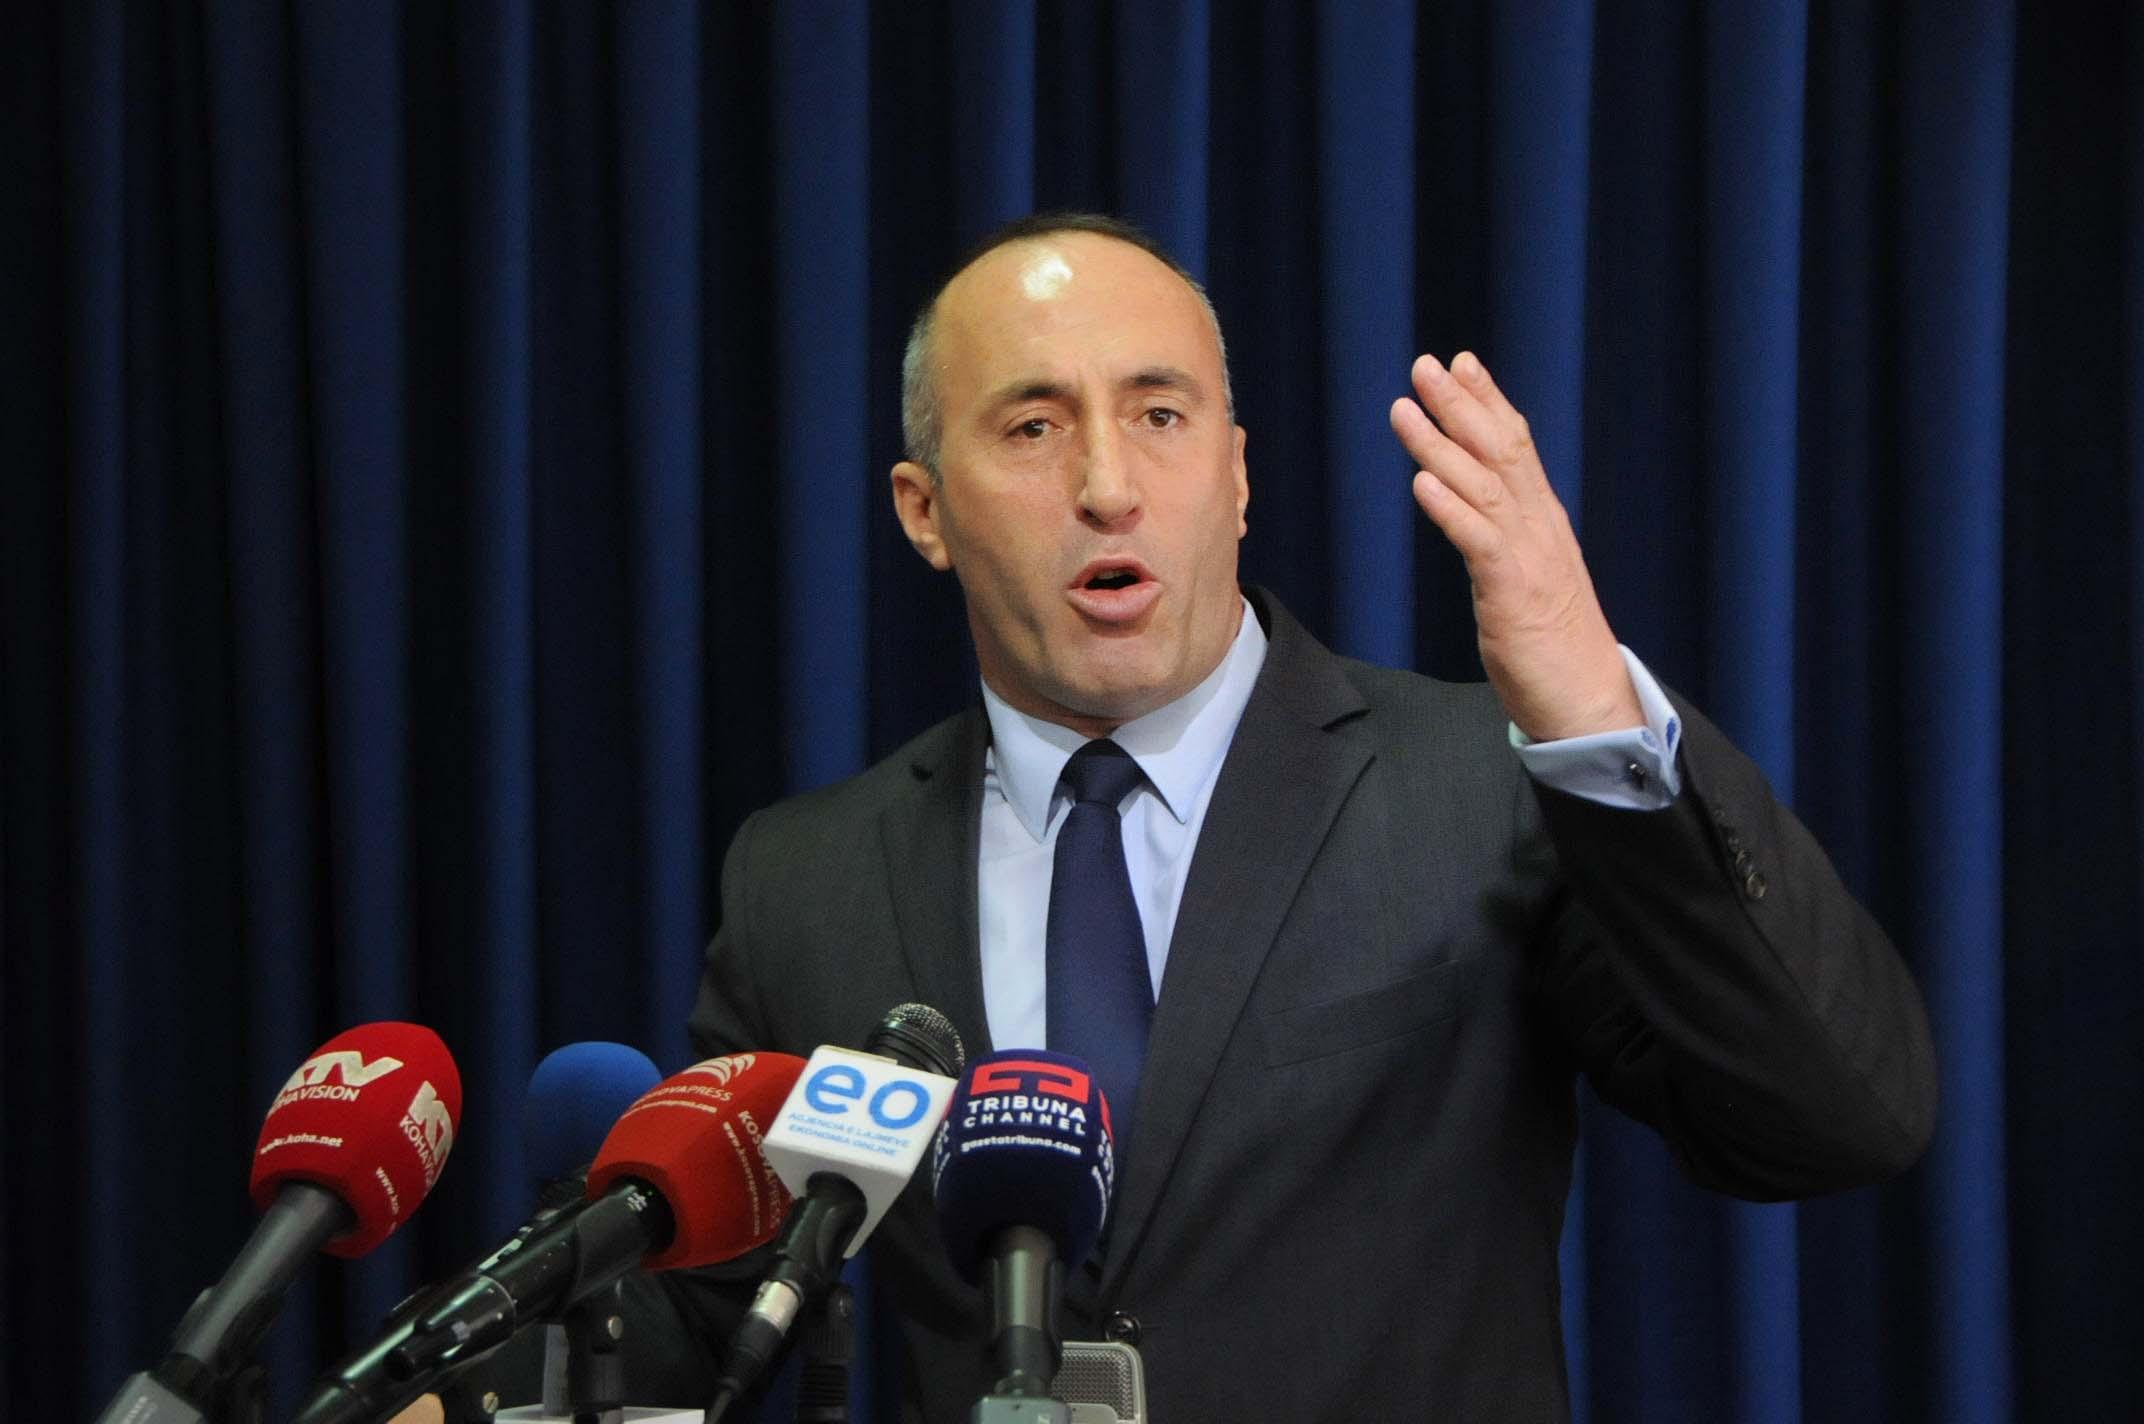 Haradinaj  Që kur vajza e Rugovës e votoi Thaçin për president  nuk ka më standarde në politikë